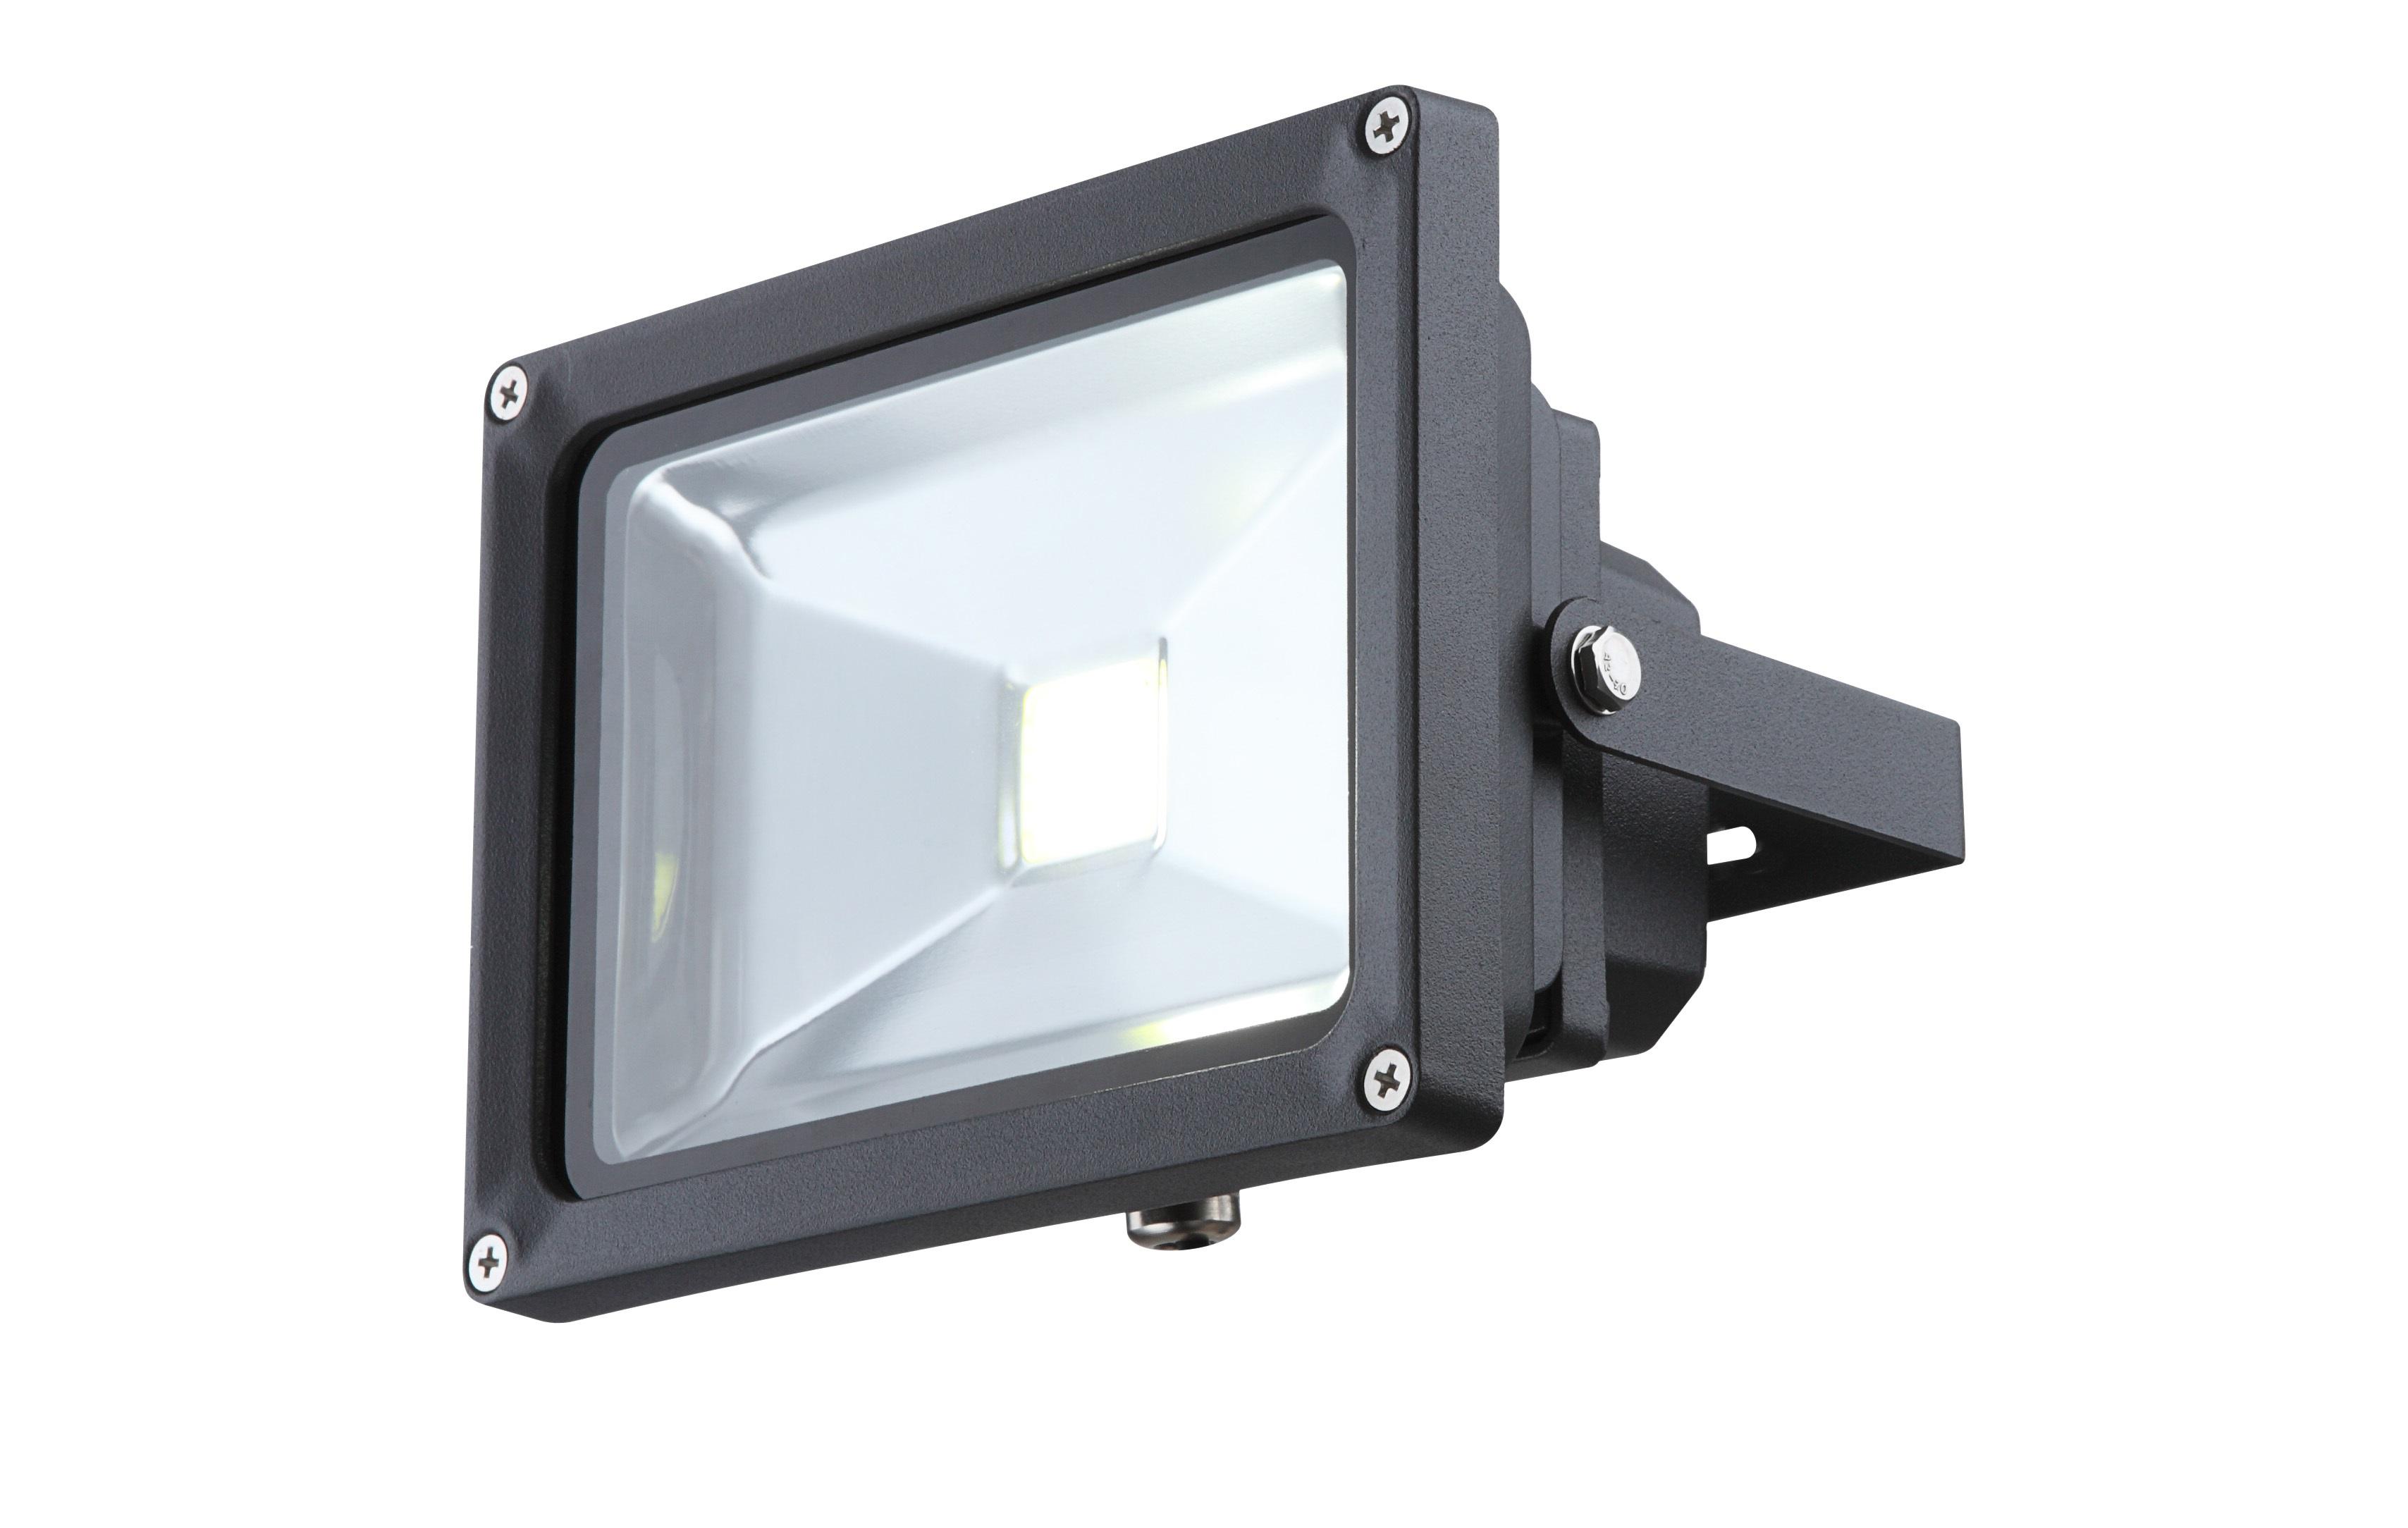 Светильник уличныйУличные настенные светильники<br>Тип цоколя: LED&amp;nbsp;Мощность: 20WКол-во ламп: 1 (в комплекте)<br><br>kit: None<br>gender: None